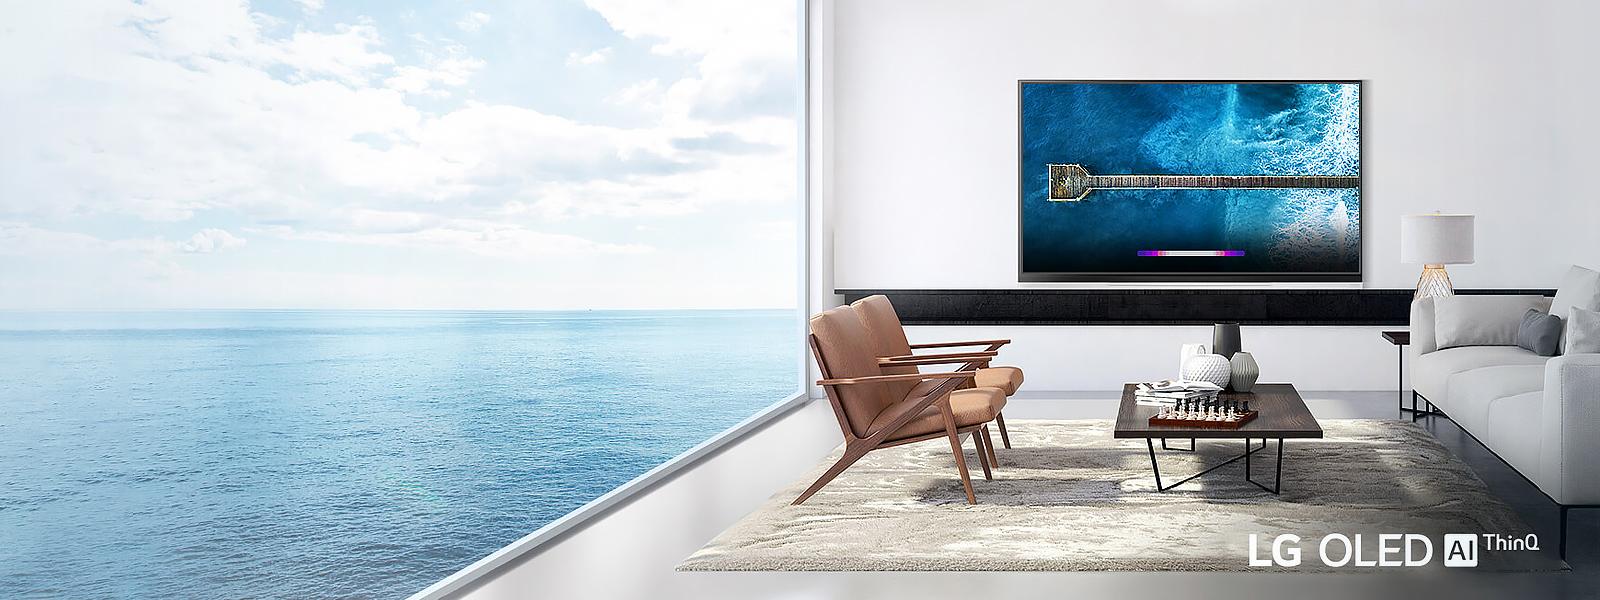 Full Size of Sofa Mit Musikboxen Couch Lautsprecher Bluetooth Und Led Poco Big Stets Klarer Sound Lg Deutschland Lederpflege Küche Kochinsel Lounge Garten überzug Wohnzimmer Sofa Mit Musikboxen